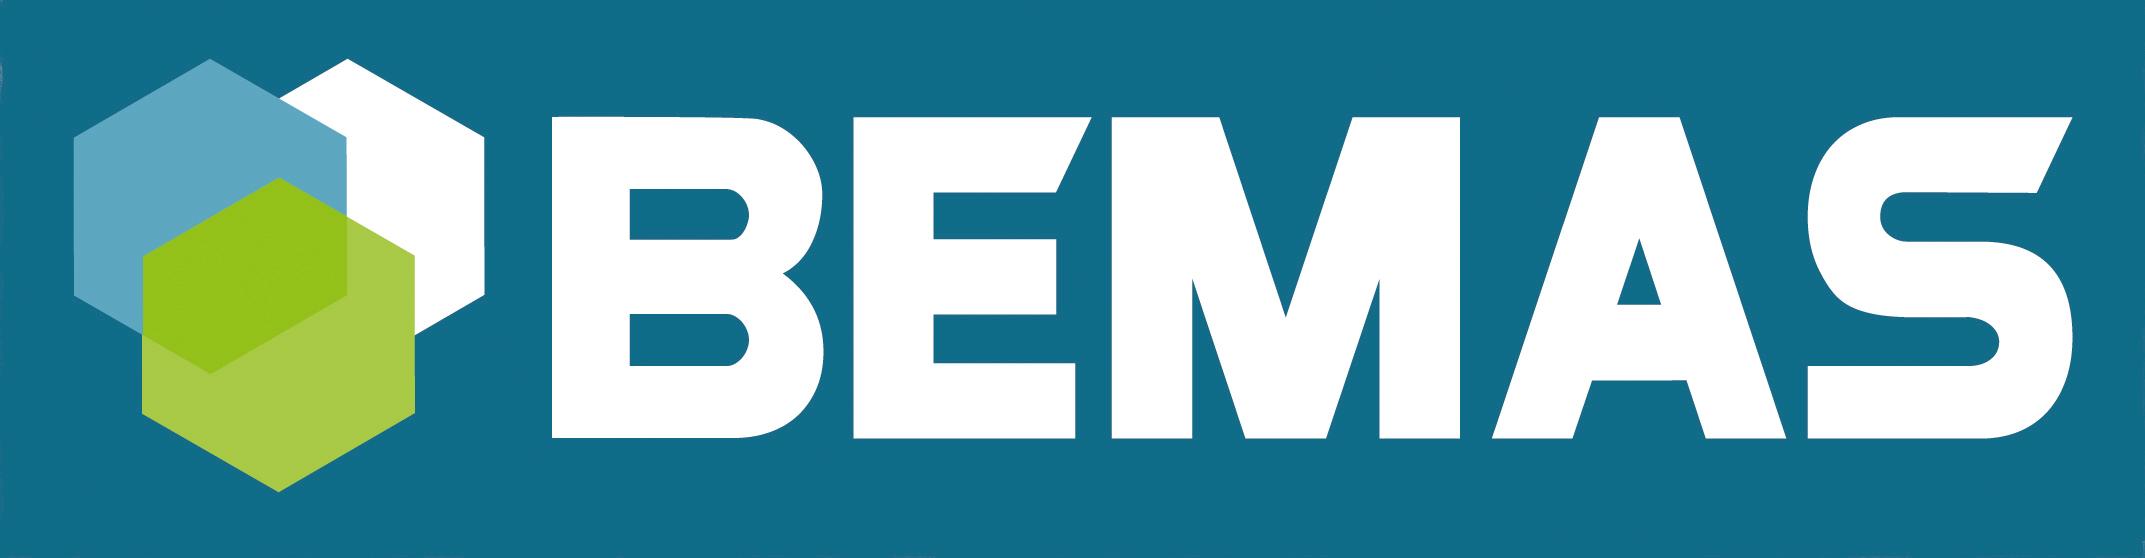 BEMAS